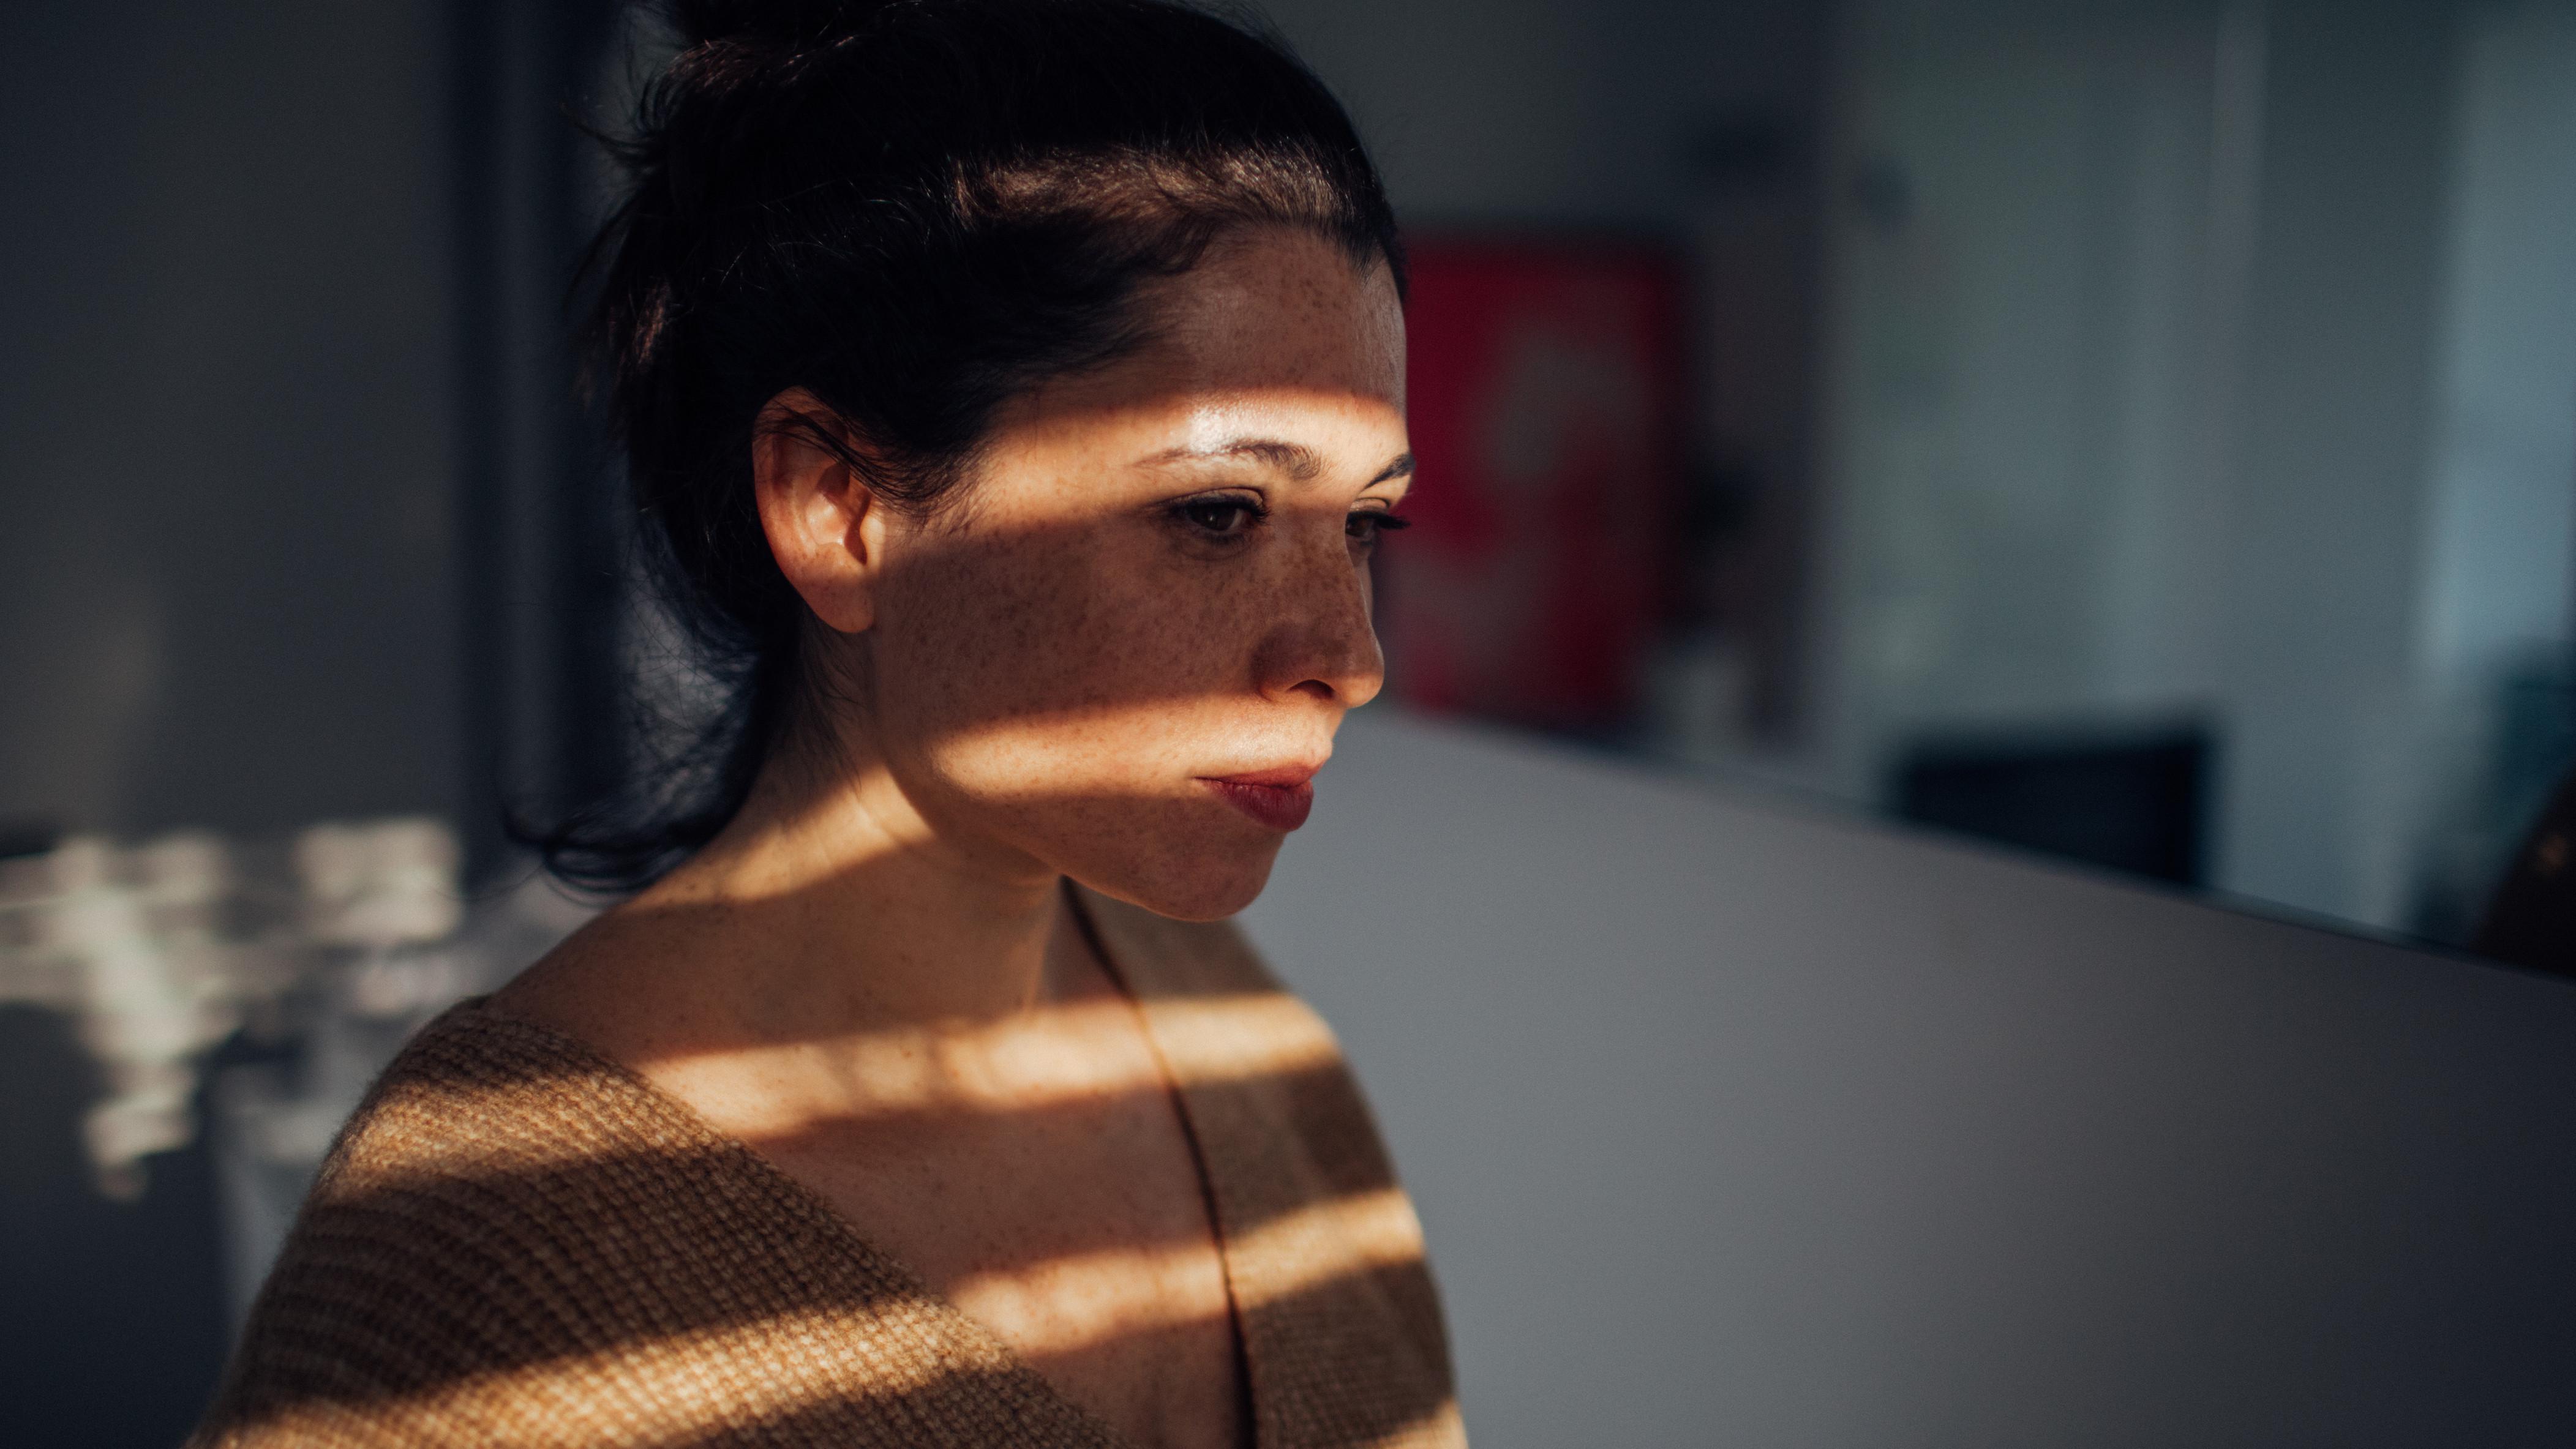 Depressão: Este é o exercício mais eficaz para aliviar os sintomas